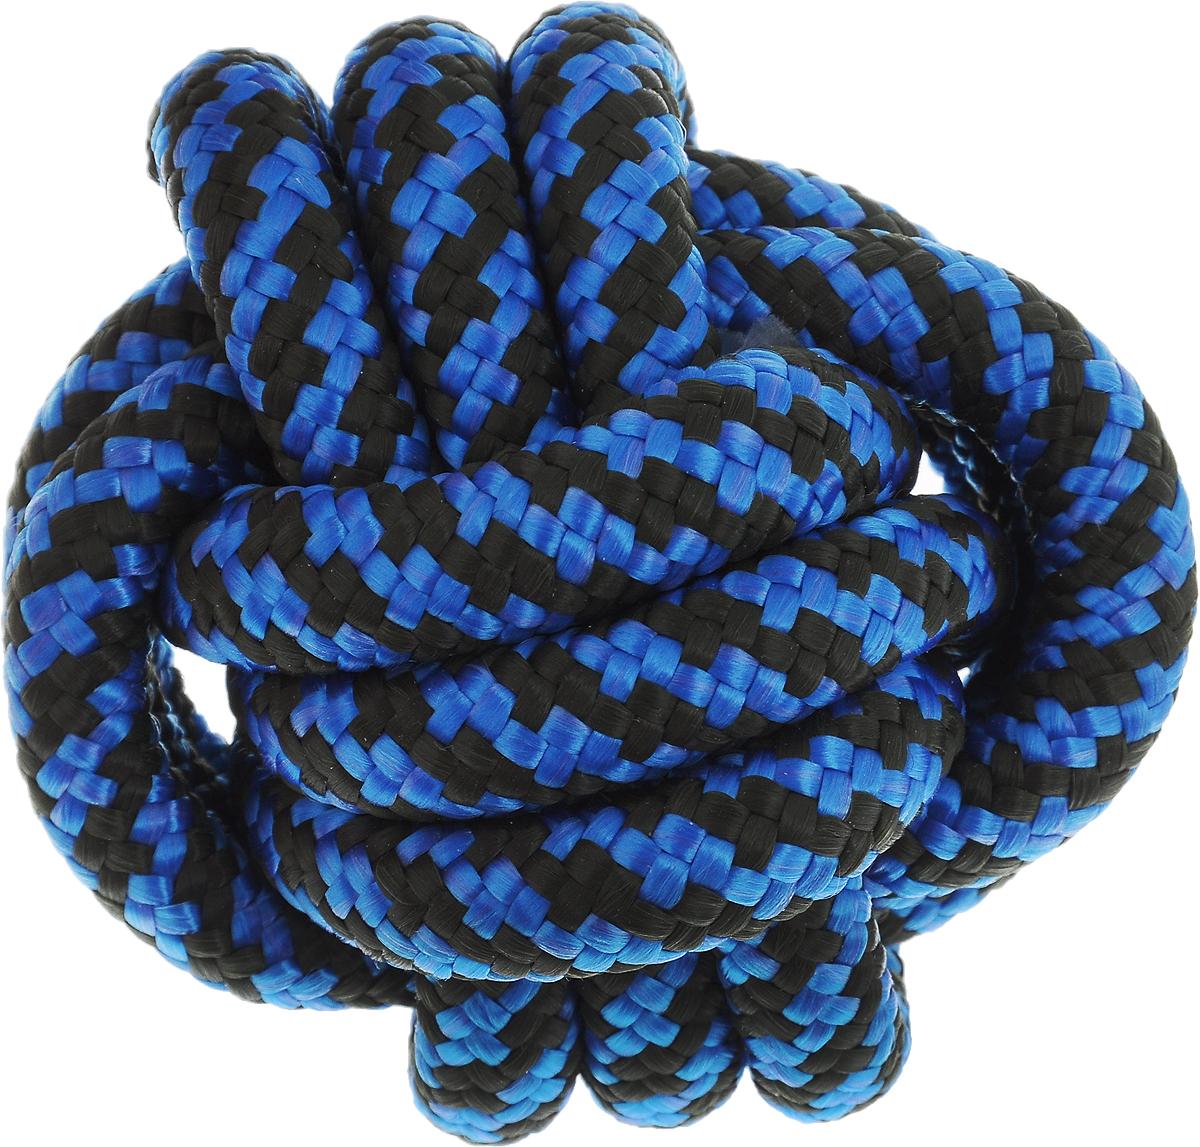 Игрушка для собак Zoobaloo Кулак обезьяны, цвет: синий, серый, диаметр 10 см435_синий, серыйИгрушка для собак Zoobaloo Кулак обезьяны изготовлена из экологически чистых материалов. Изделие очень твердое и прочное и может выдержать много часов игры. Это идеальная игрушка для бросков. Она обязательно понравится тем собакам, которые любят носить игрушки в зубах, и станет отличной заменой косточке. Диаметр игрушки: 10 см.